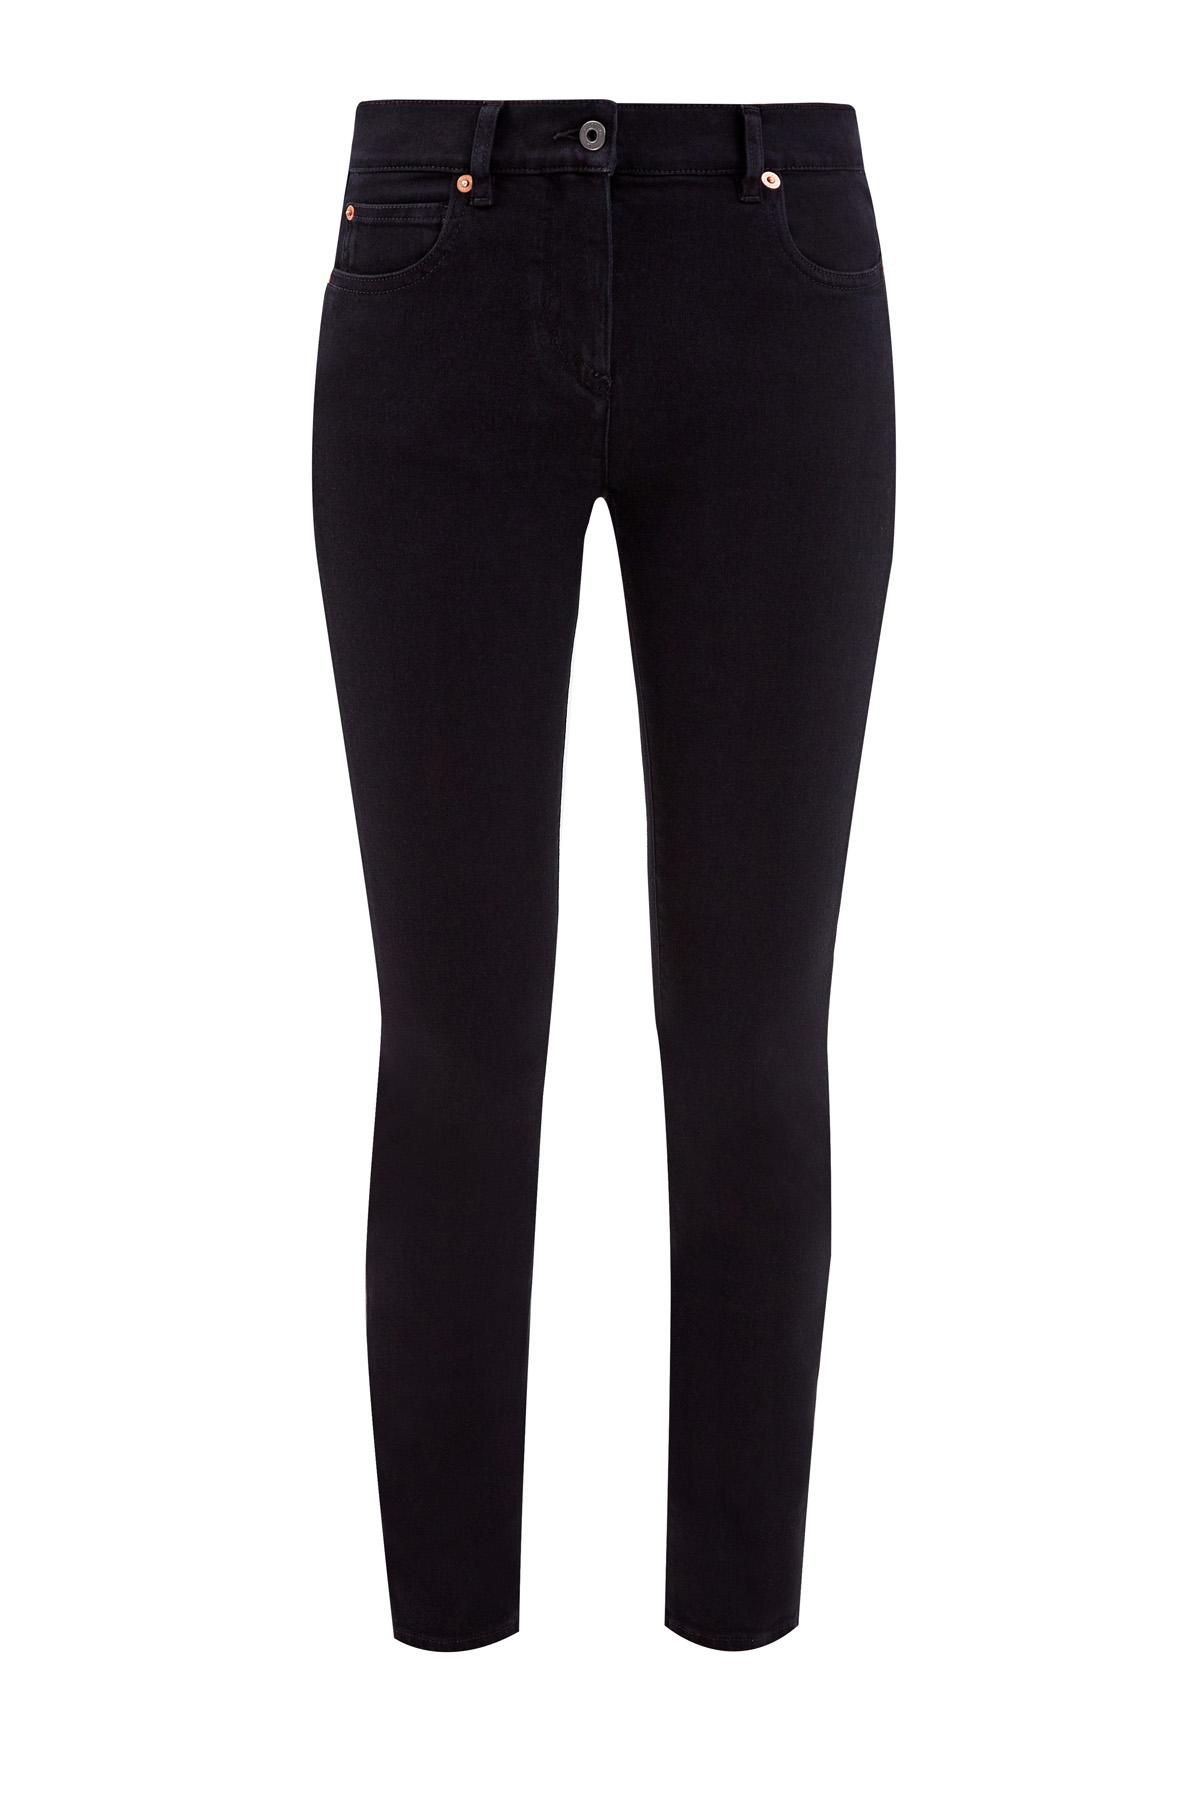 Однотонные джинсы-skinny изденима сконтрастным принтом Vlogo Signature